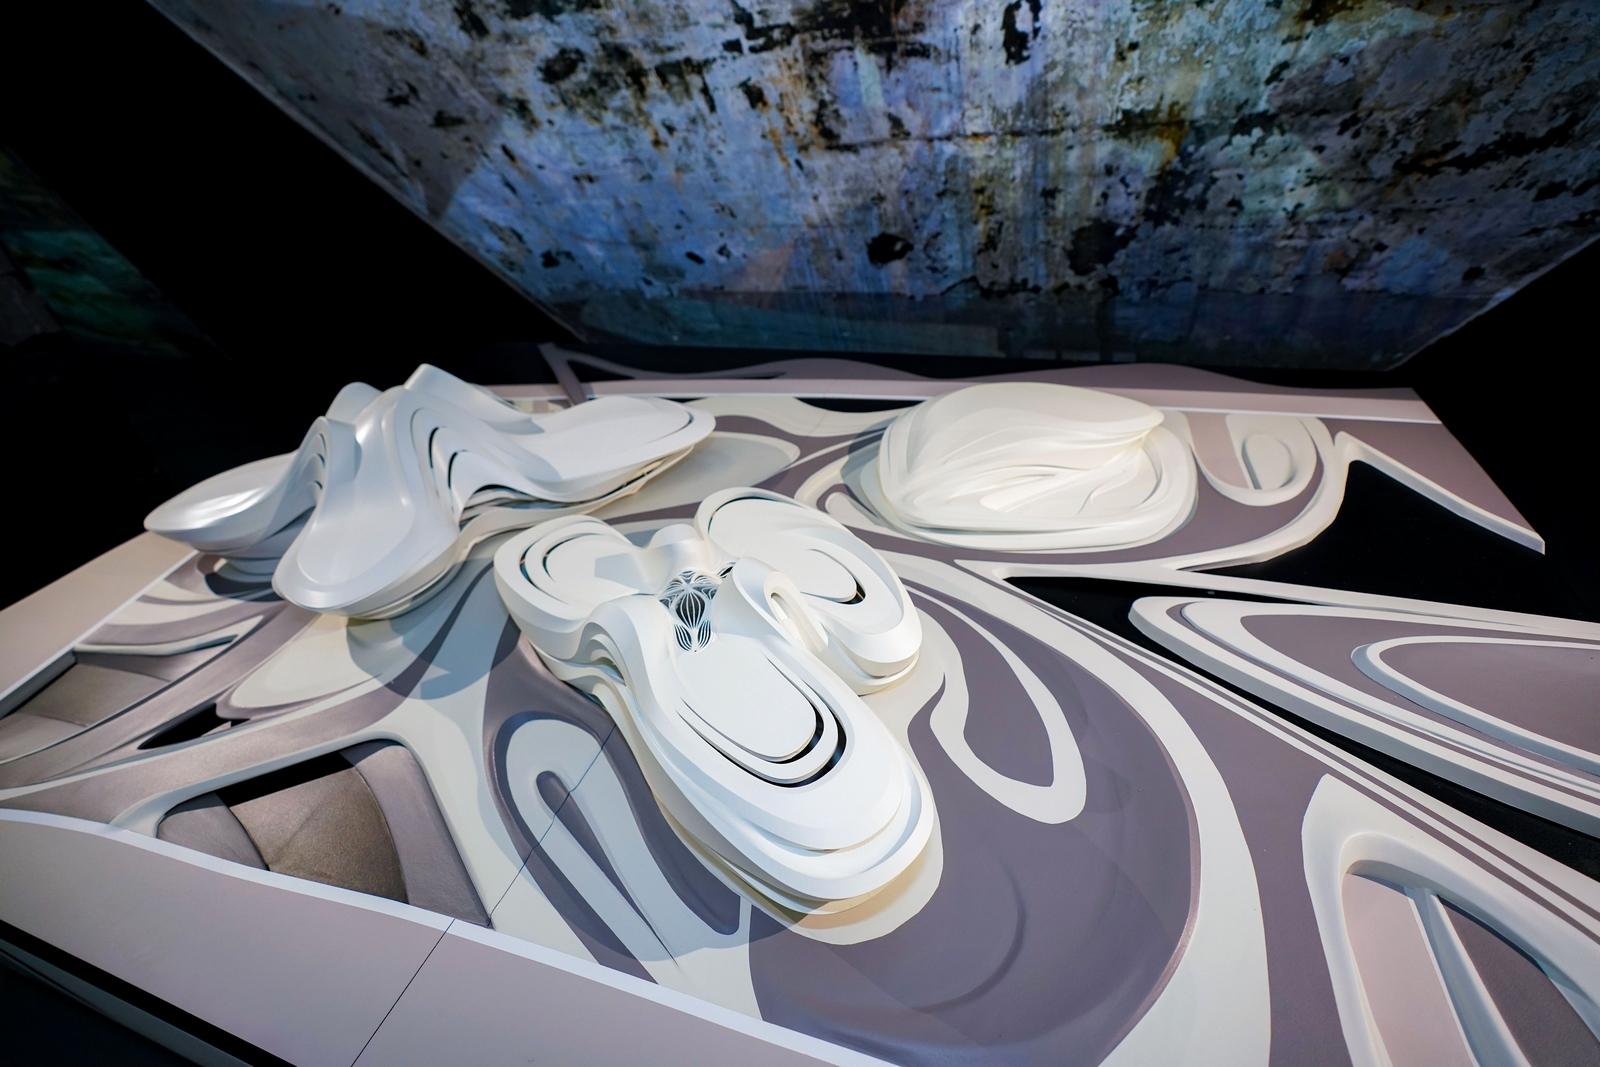 MAM Shanghai presenta la primera exposición de Zaha Hadid Architects en China continental, con una muestra retrospectiva de proyectos que datan desde 1982 hasta la actualidad 10